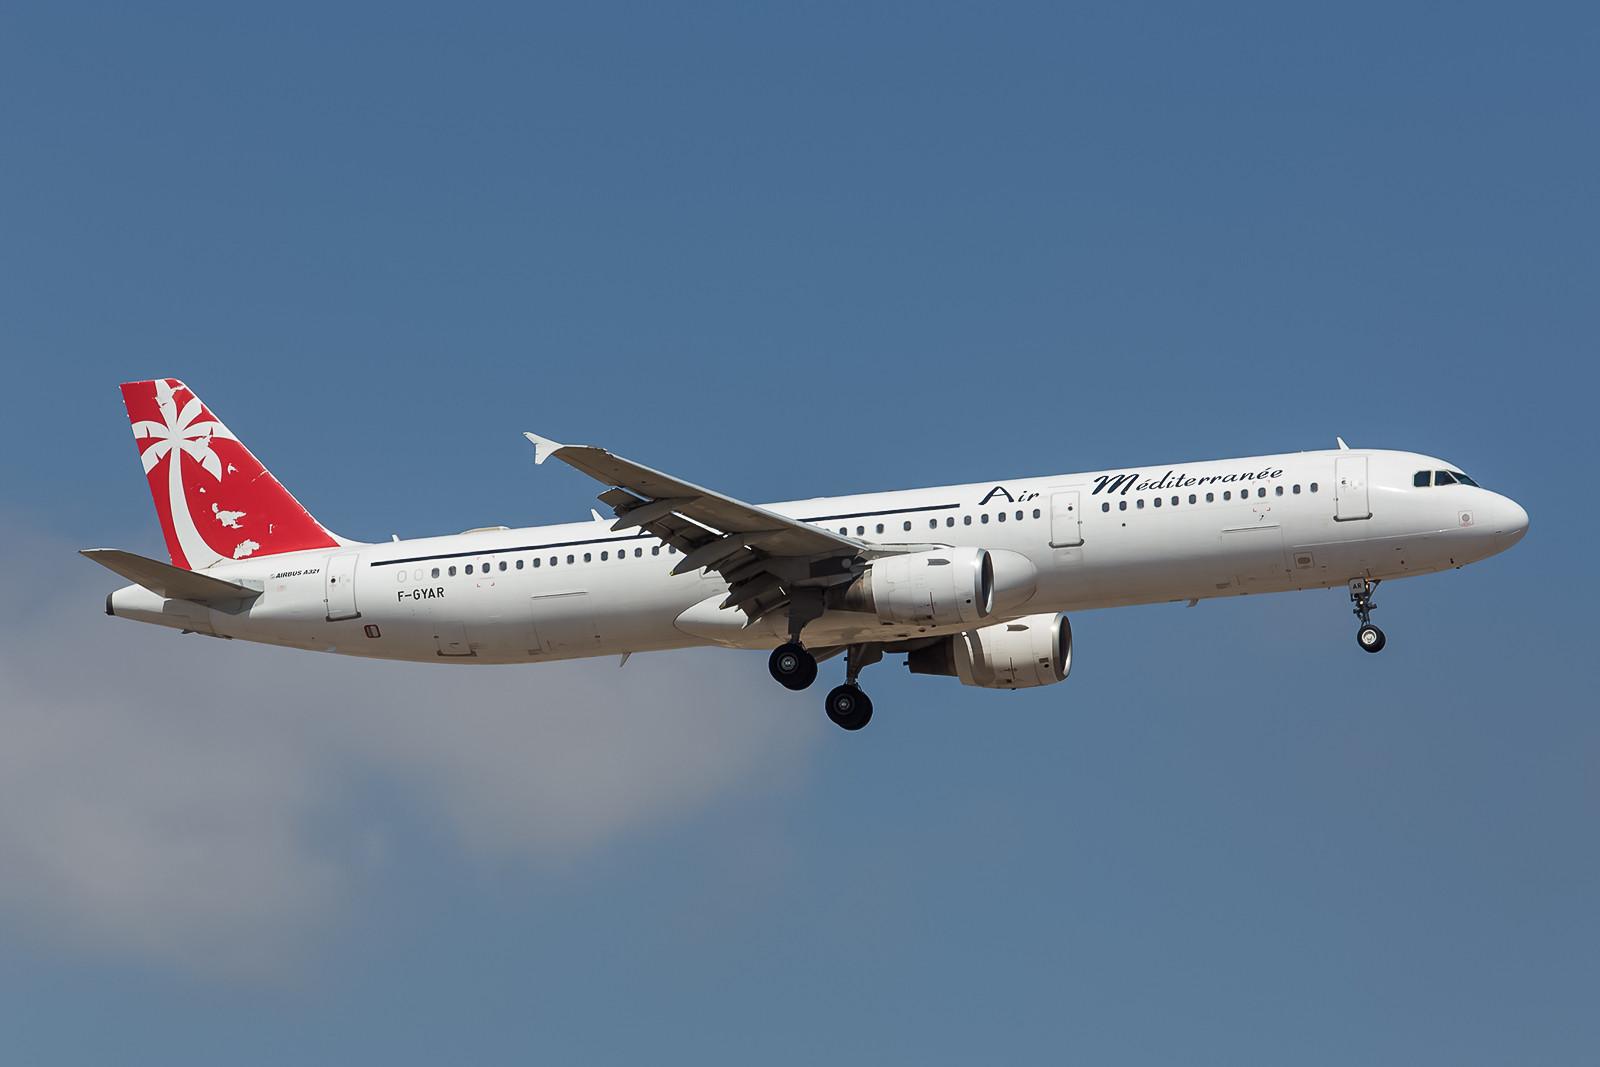 Dieser Airbus A321 wurde 1998 mal für die Swissair gebaut.